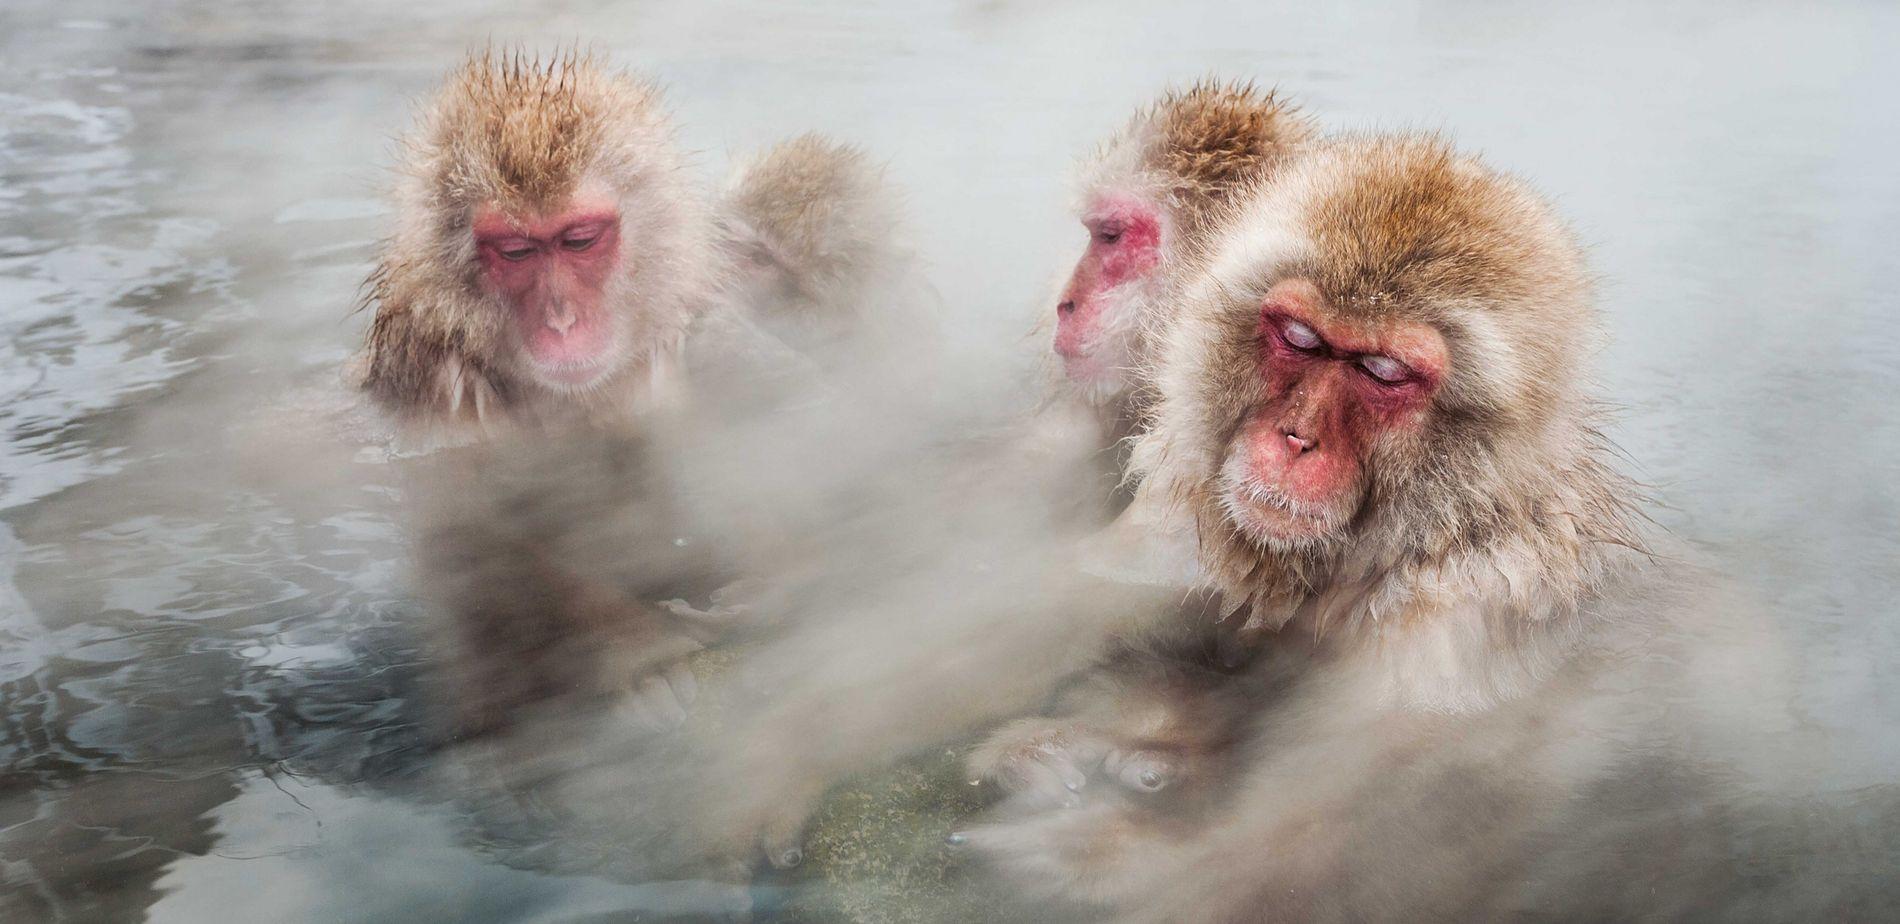 Schneeaffen nehmen ein entspannendes Dampfbad in einer heißen Quelle in Japan. Die Lufttemperatur liegt hier im Winter unter dem Gefrierpunkt, das Wasser erreicht bis zu 35 Grad.